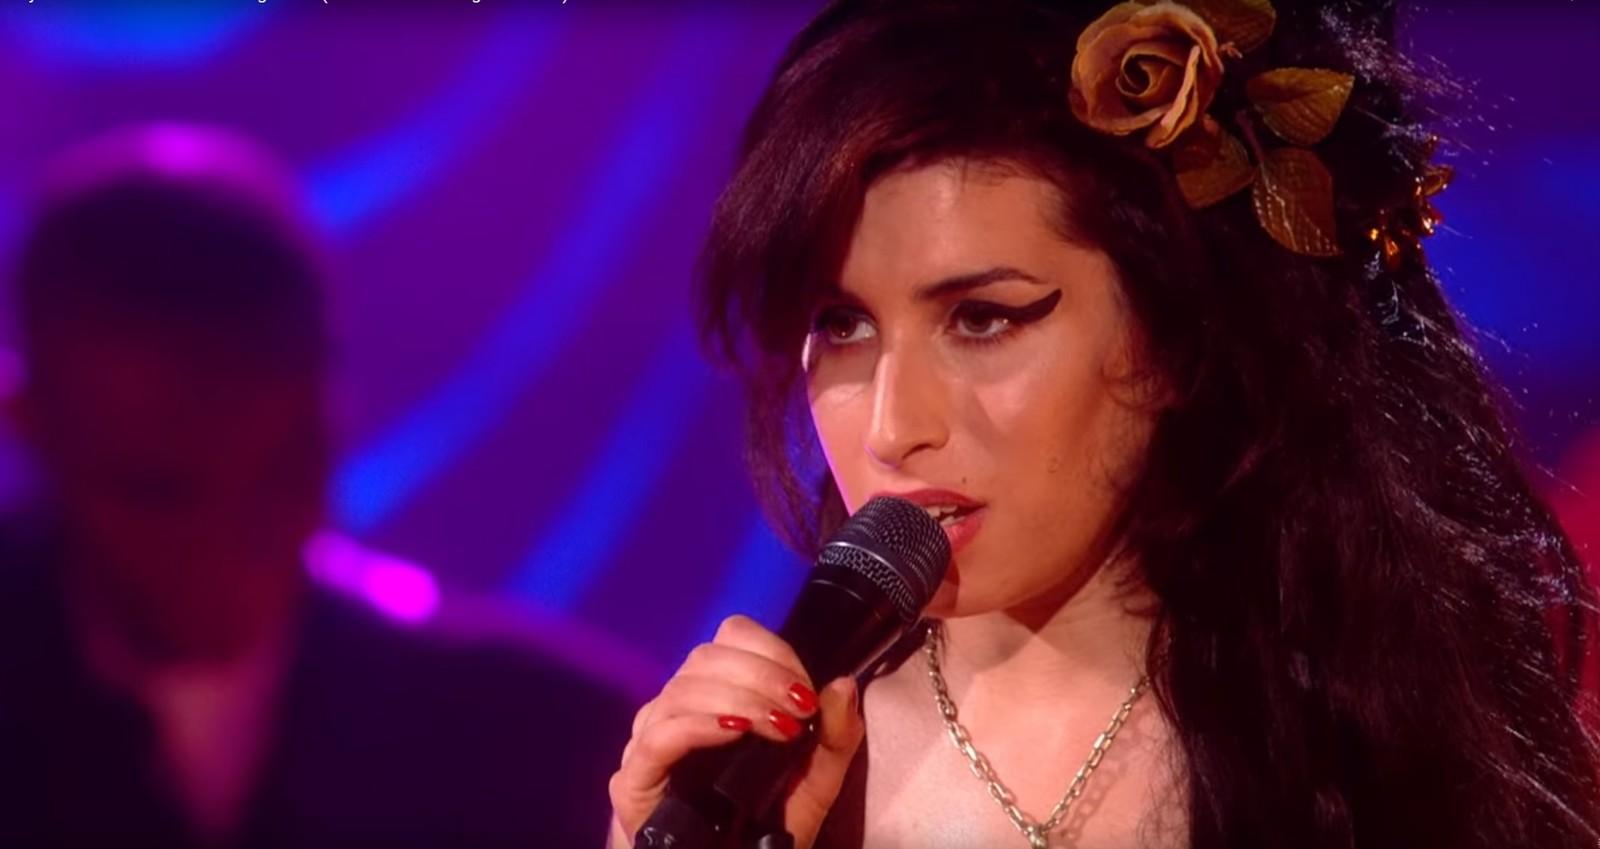 Amy Winehouse Nua vídeo inédito de amy winehouse cantando em show privado em